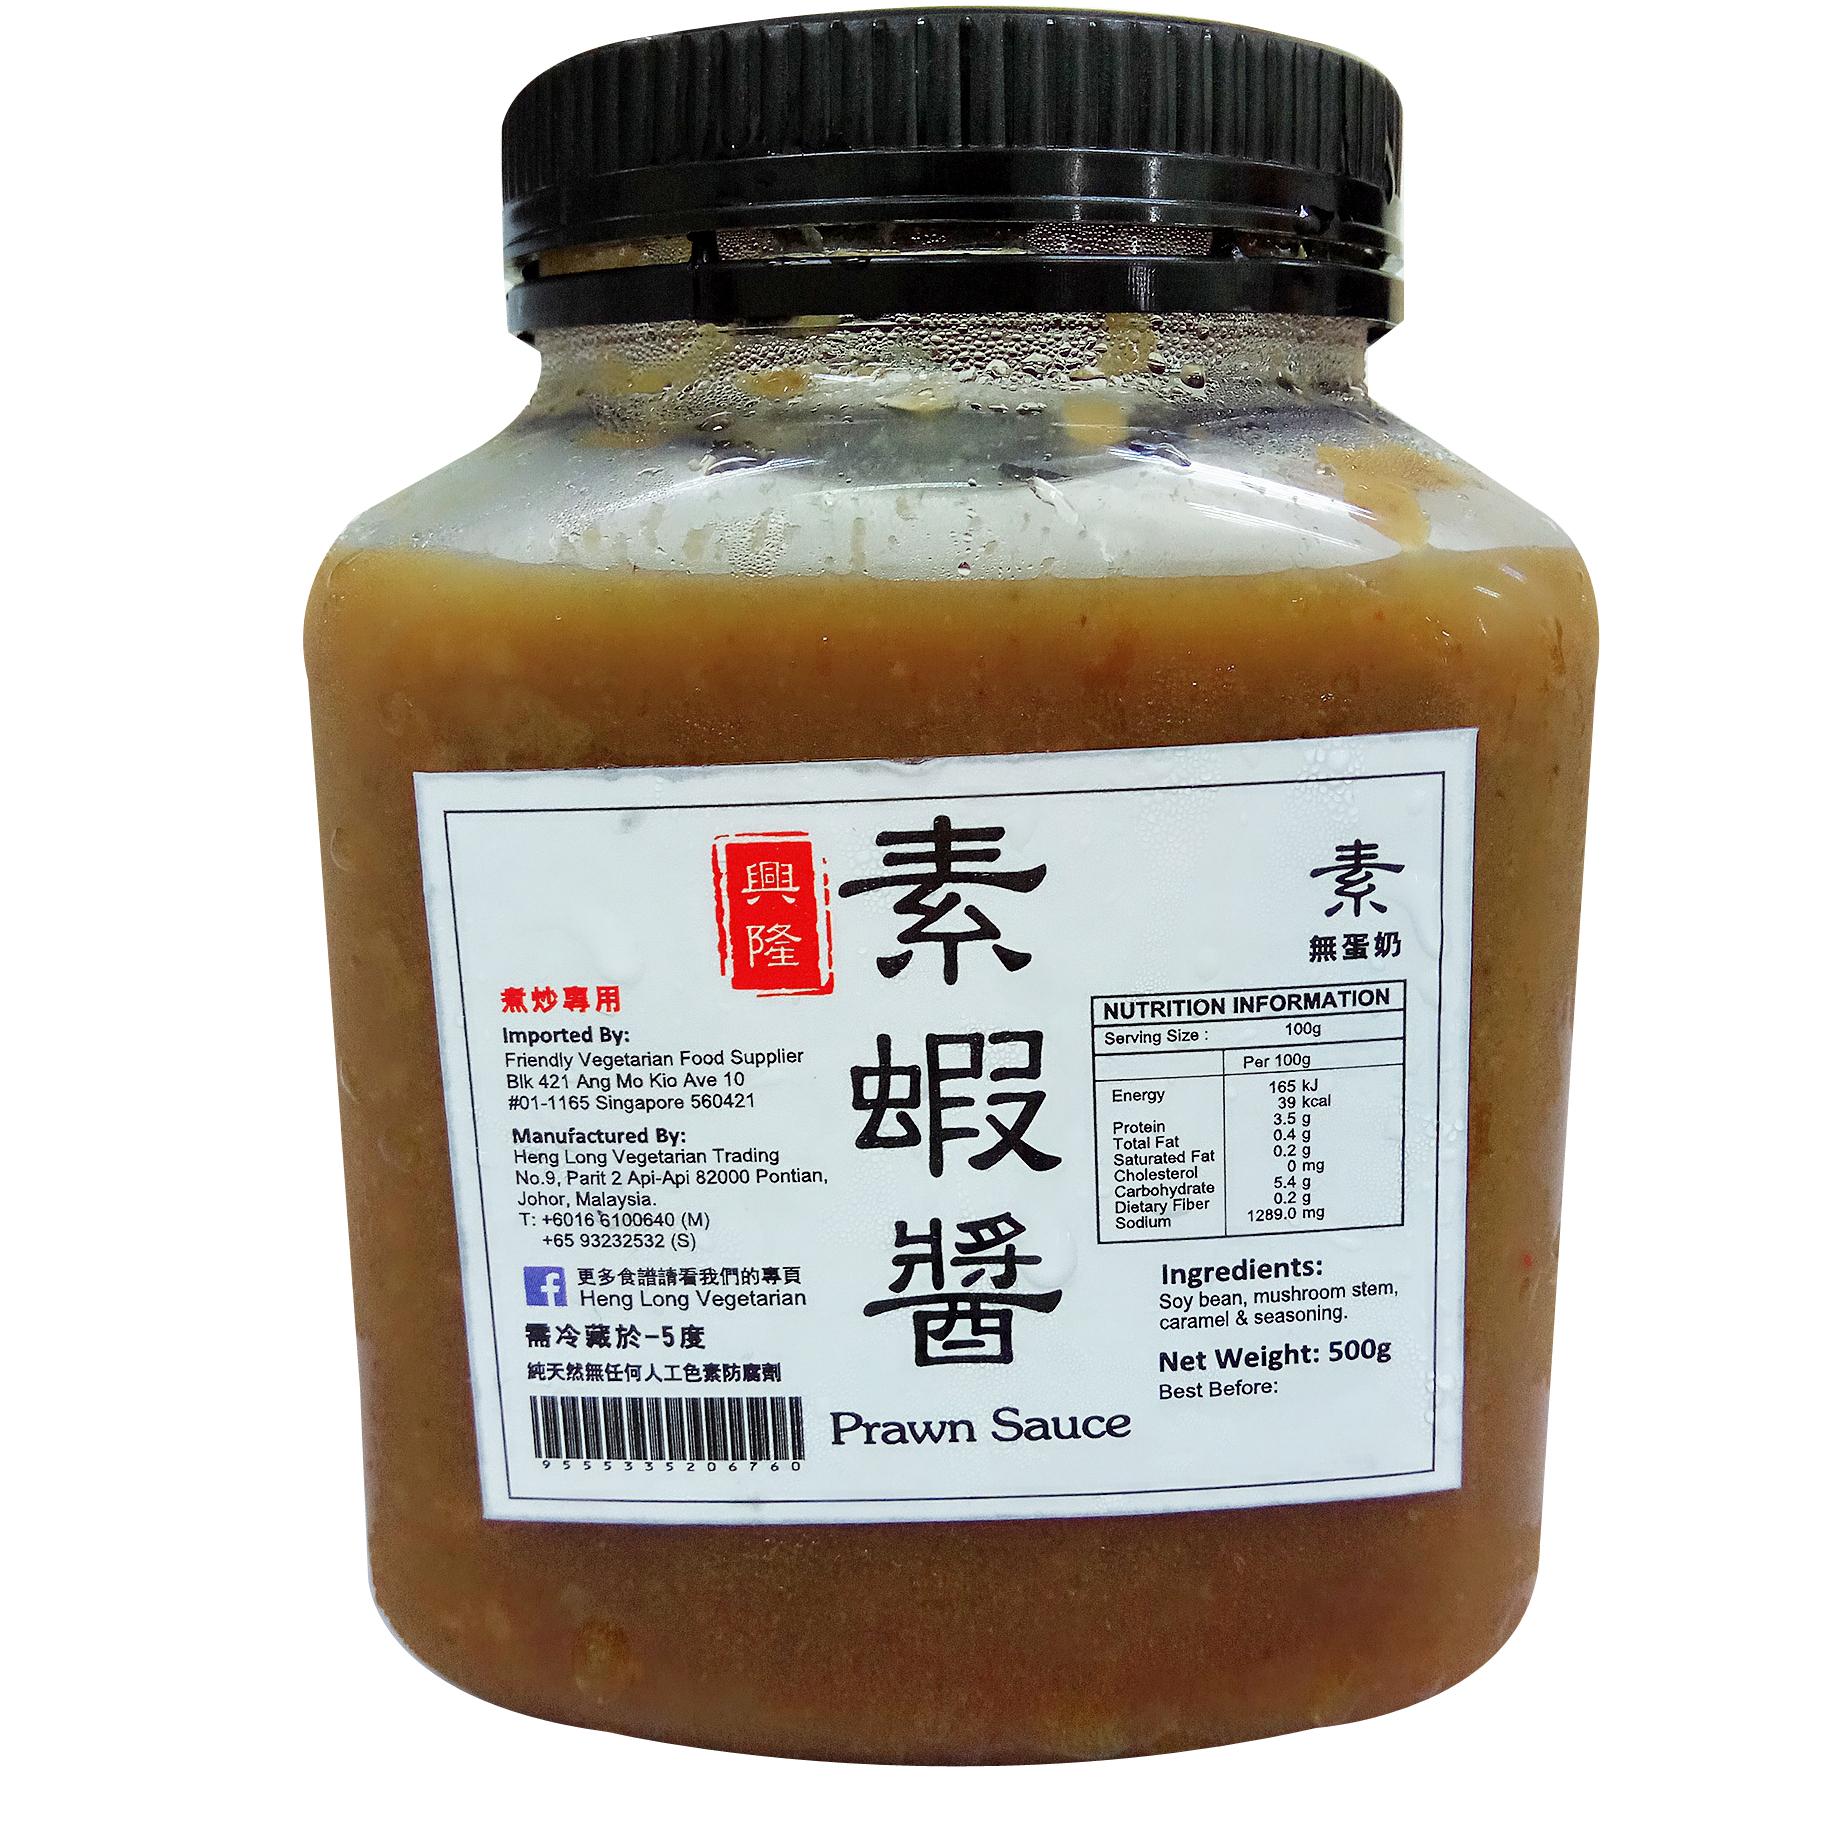 Image Heng Long Prawn Sauce 兴隆 - 素虾酱 500grams 槟城虾面酱